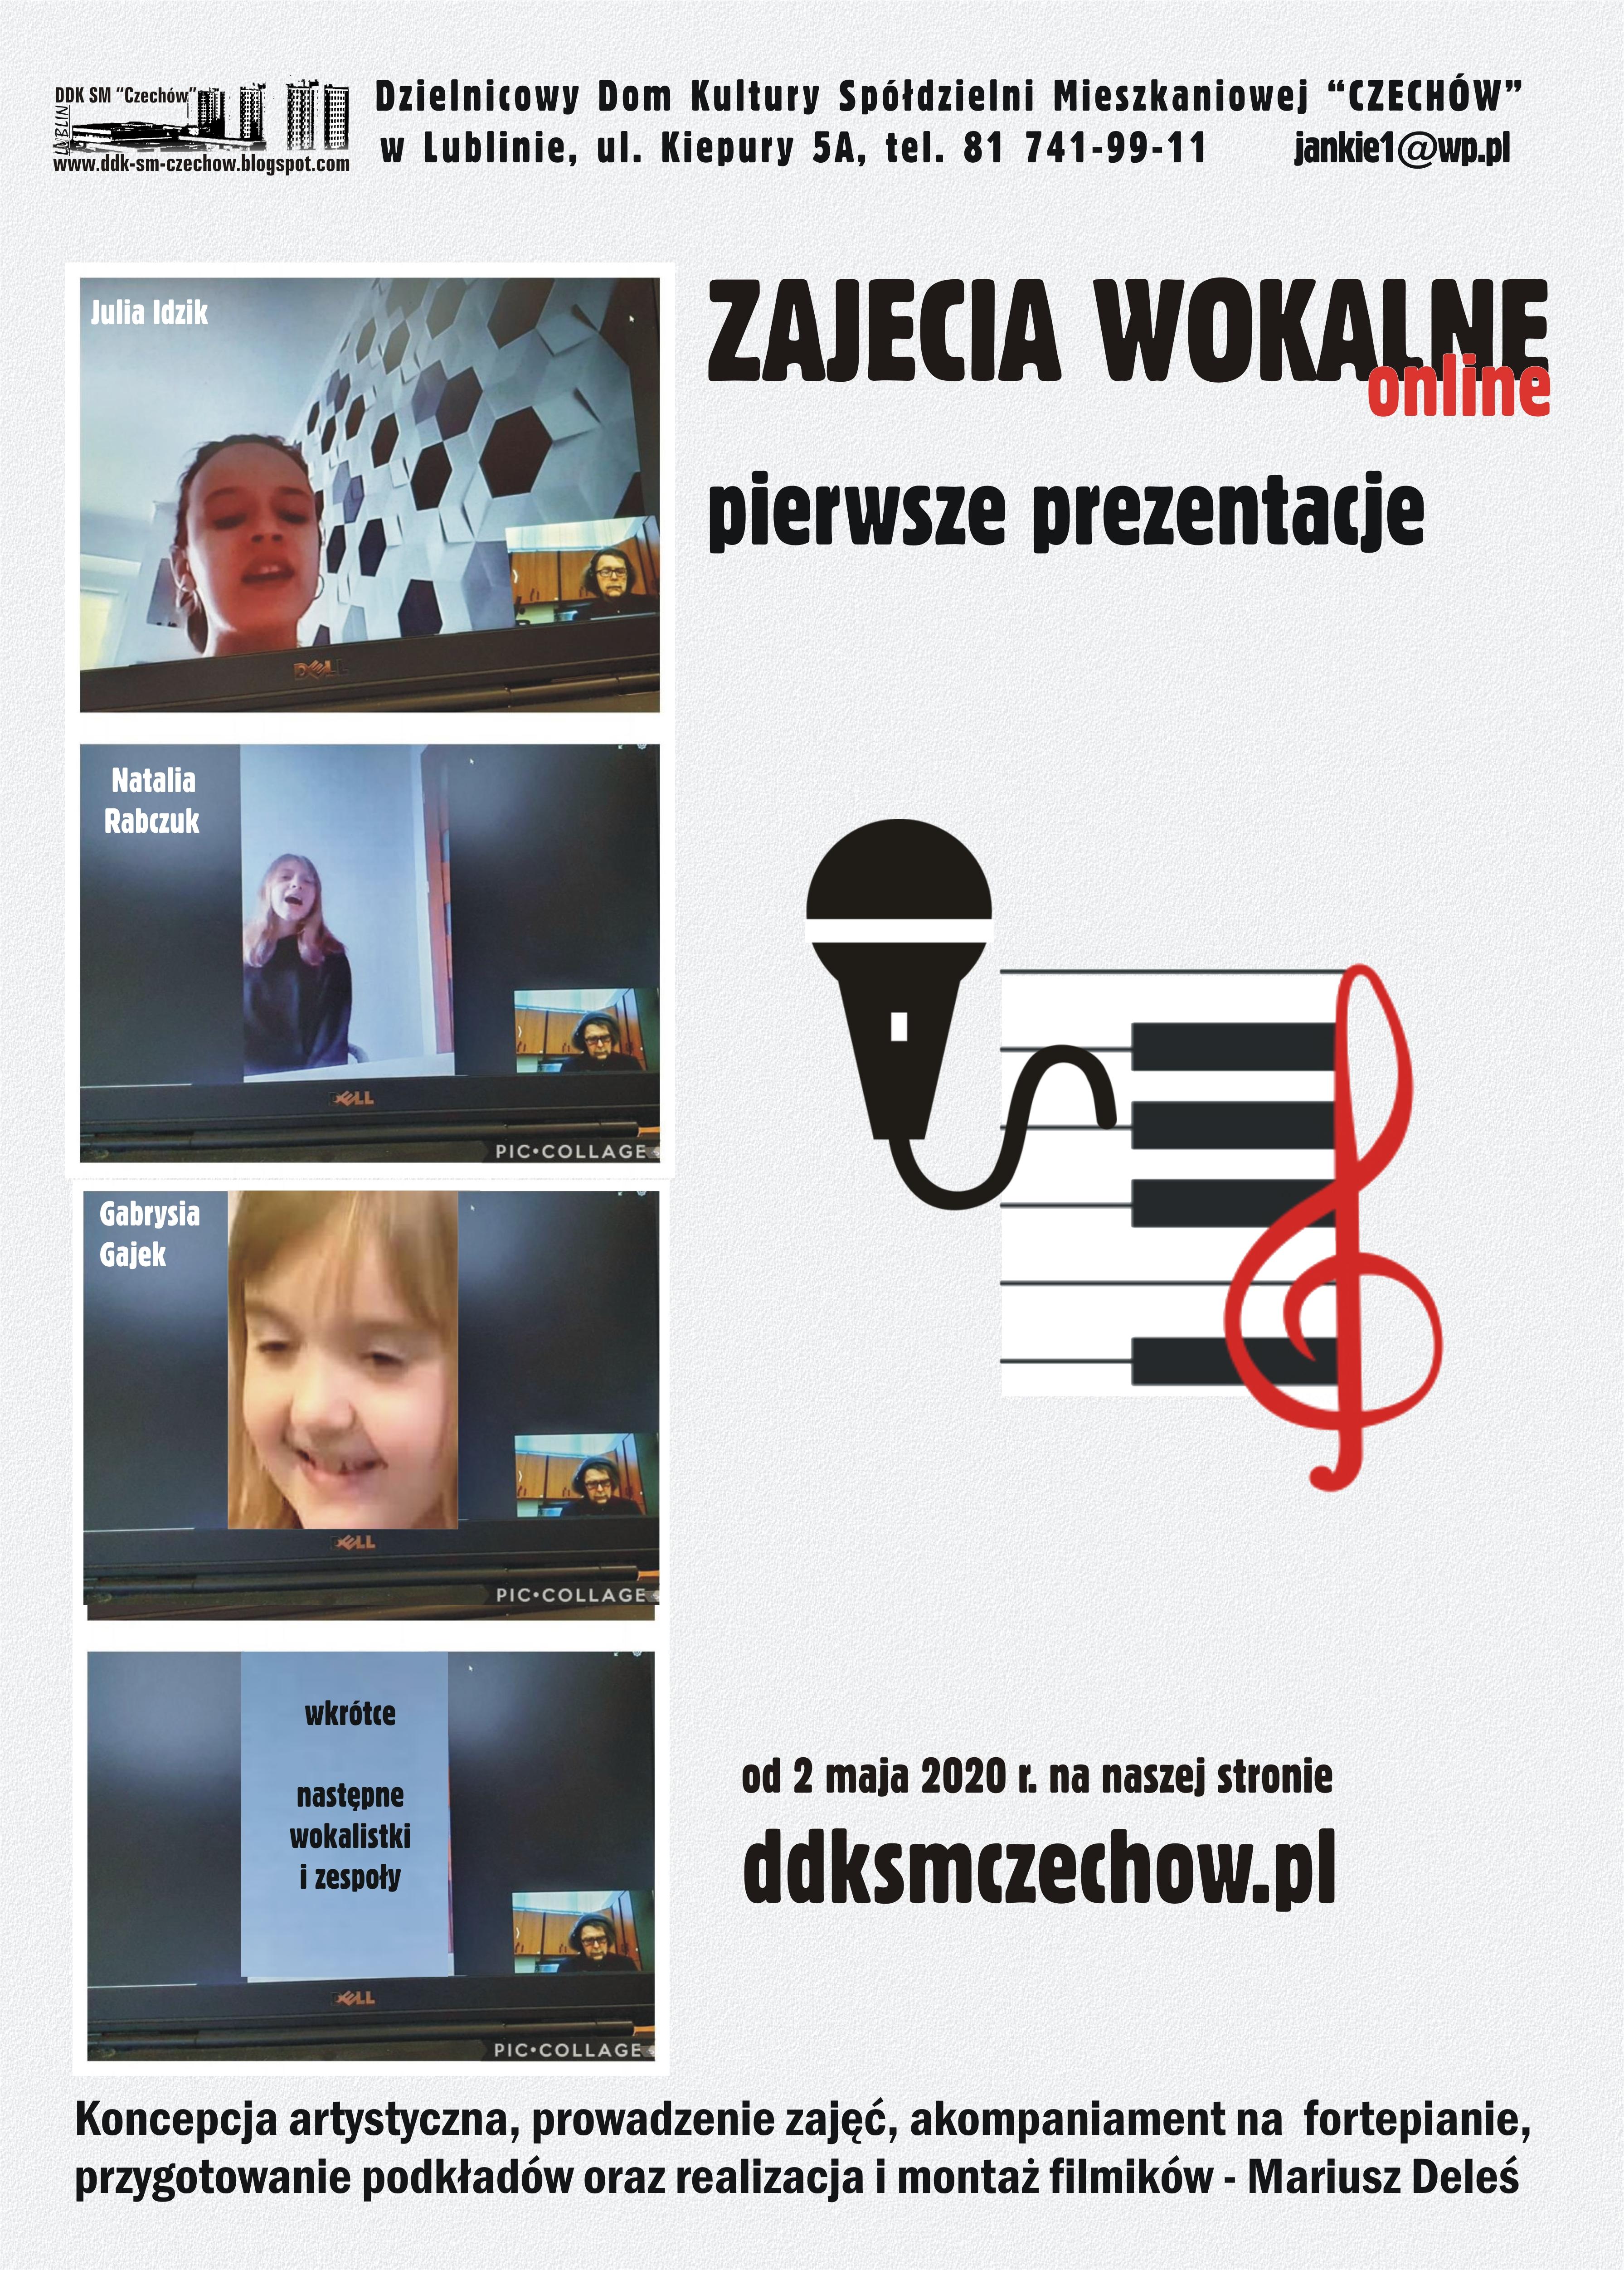 Efekty zajęć wokalnych online